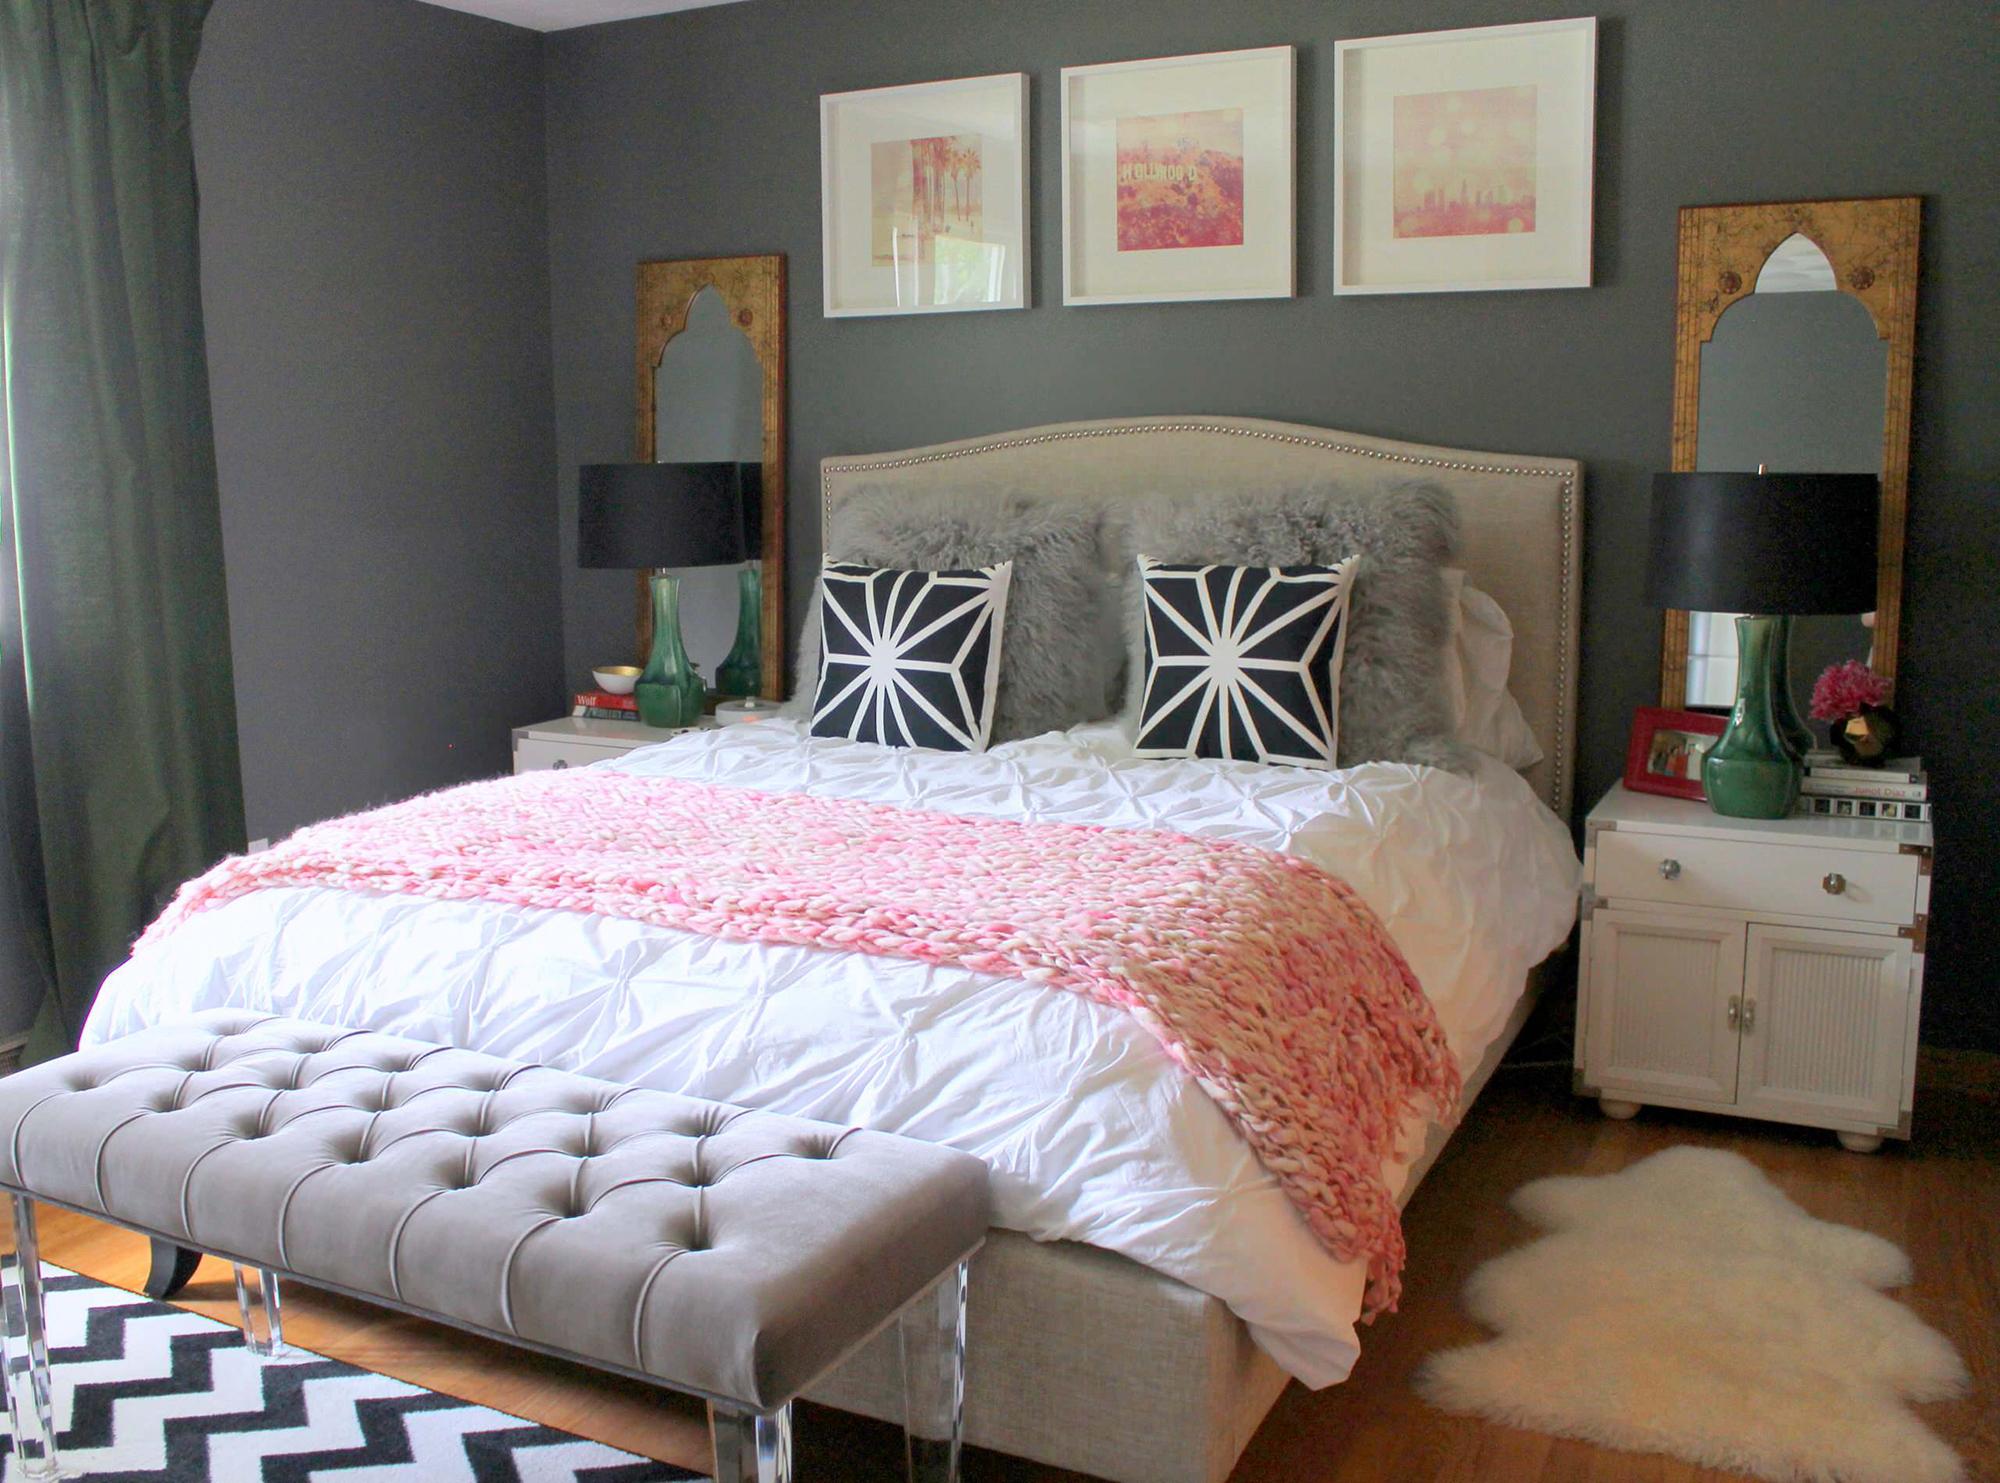 Квадратные интерьерные картины над кроватью